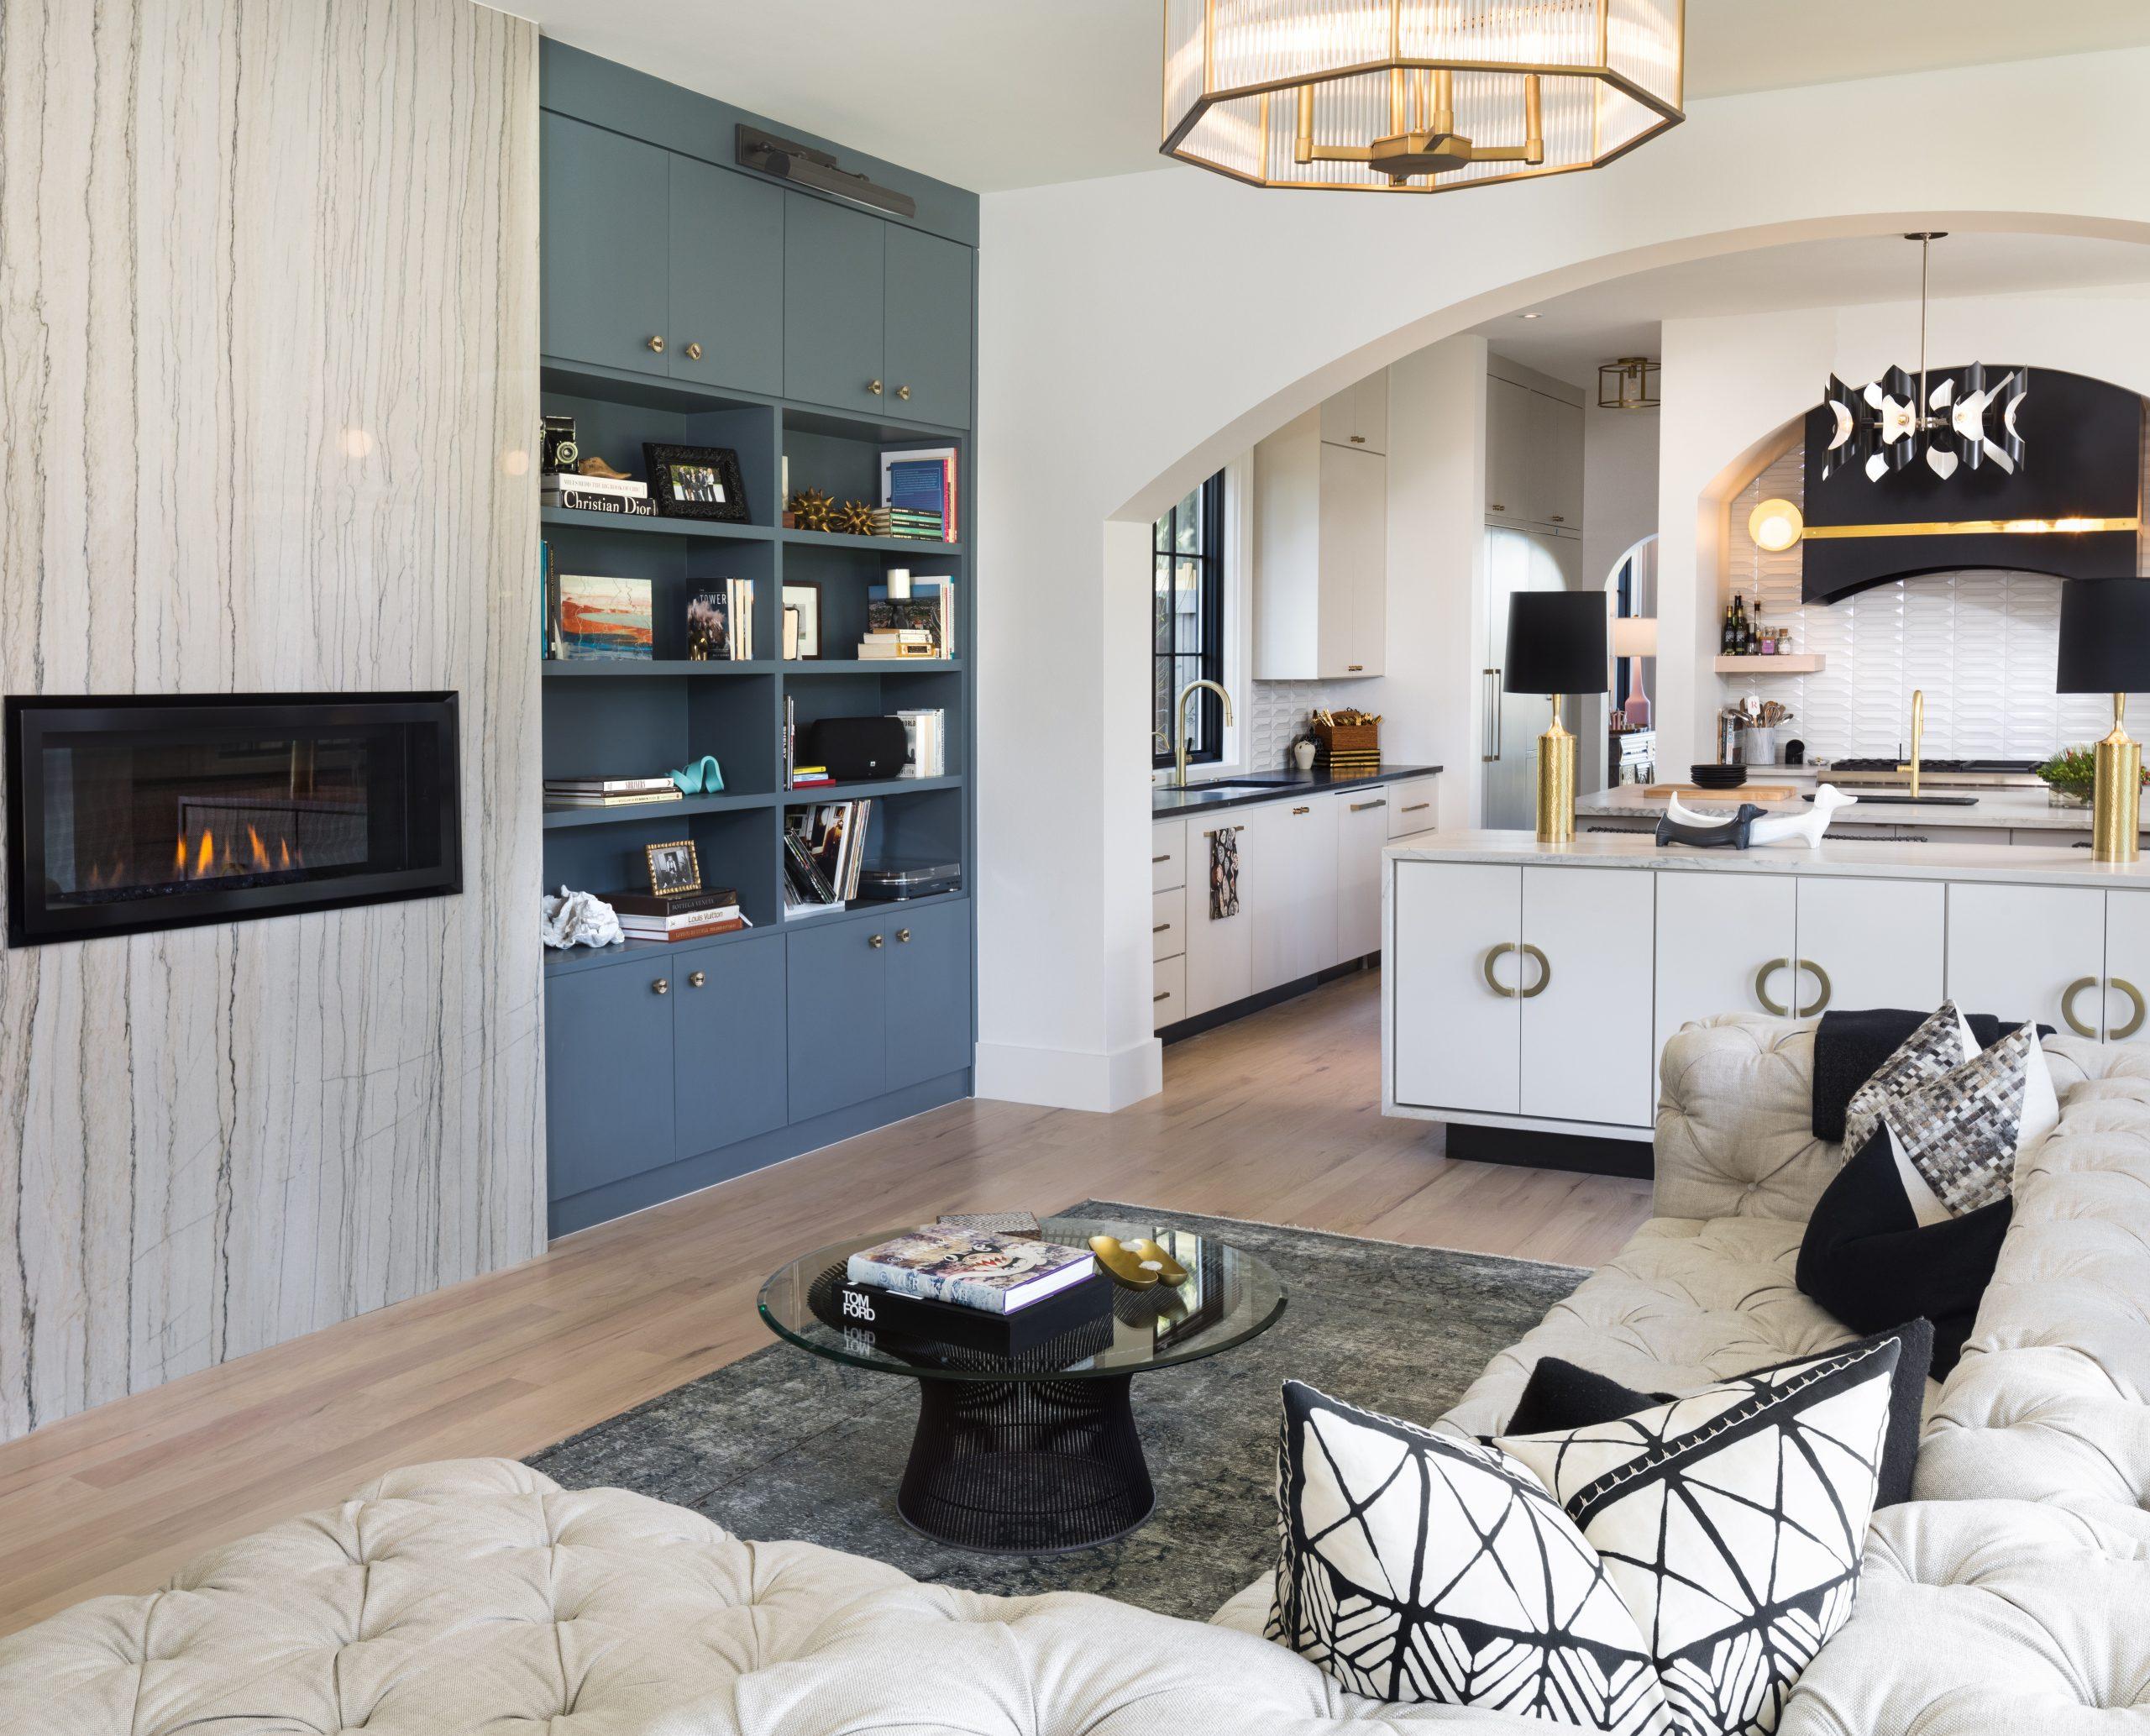 gaston residence kitchen living family room texas